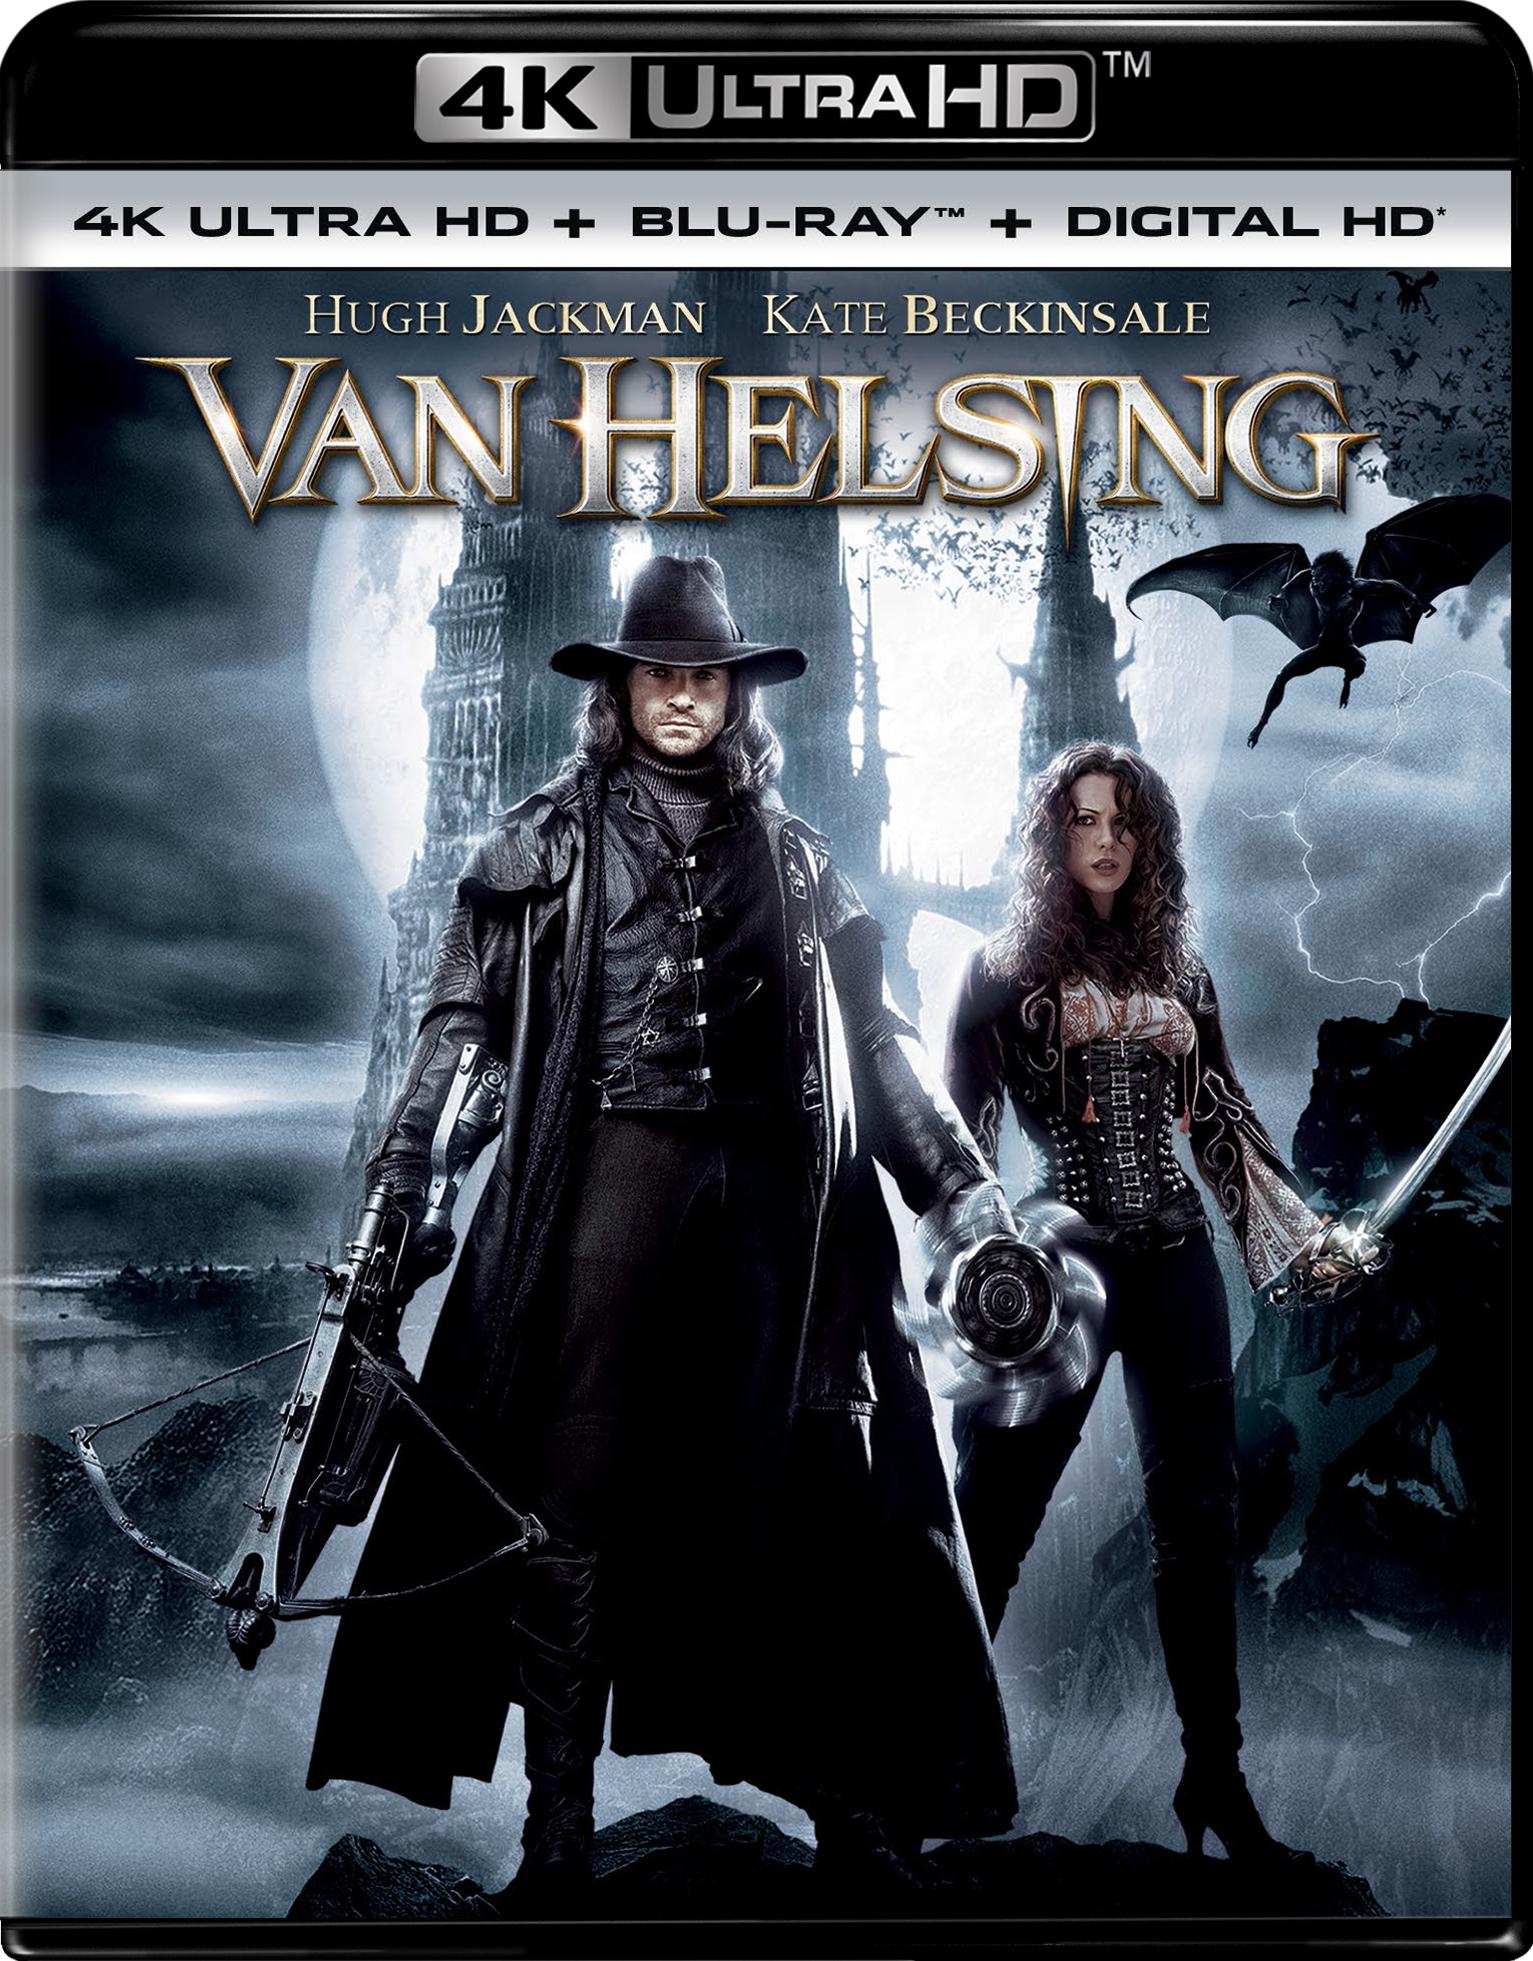 Van Helsing 4K (2004) UHD Ultra HD Blu-ray